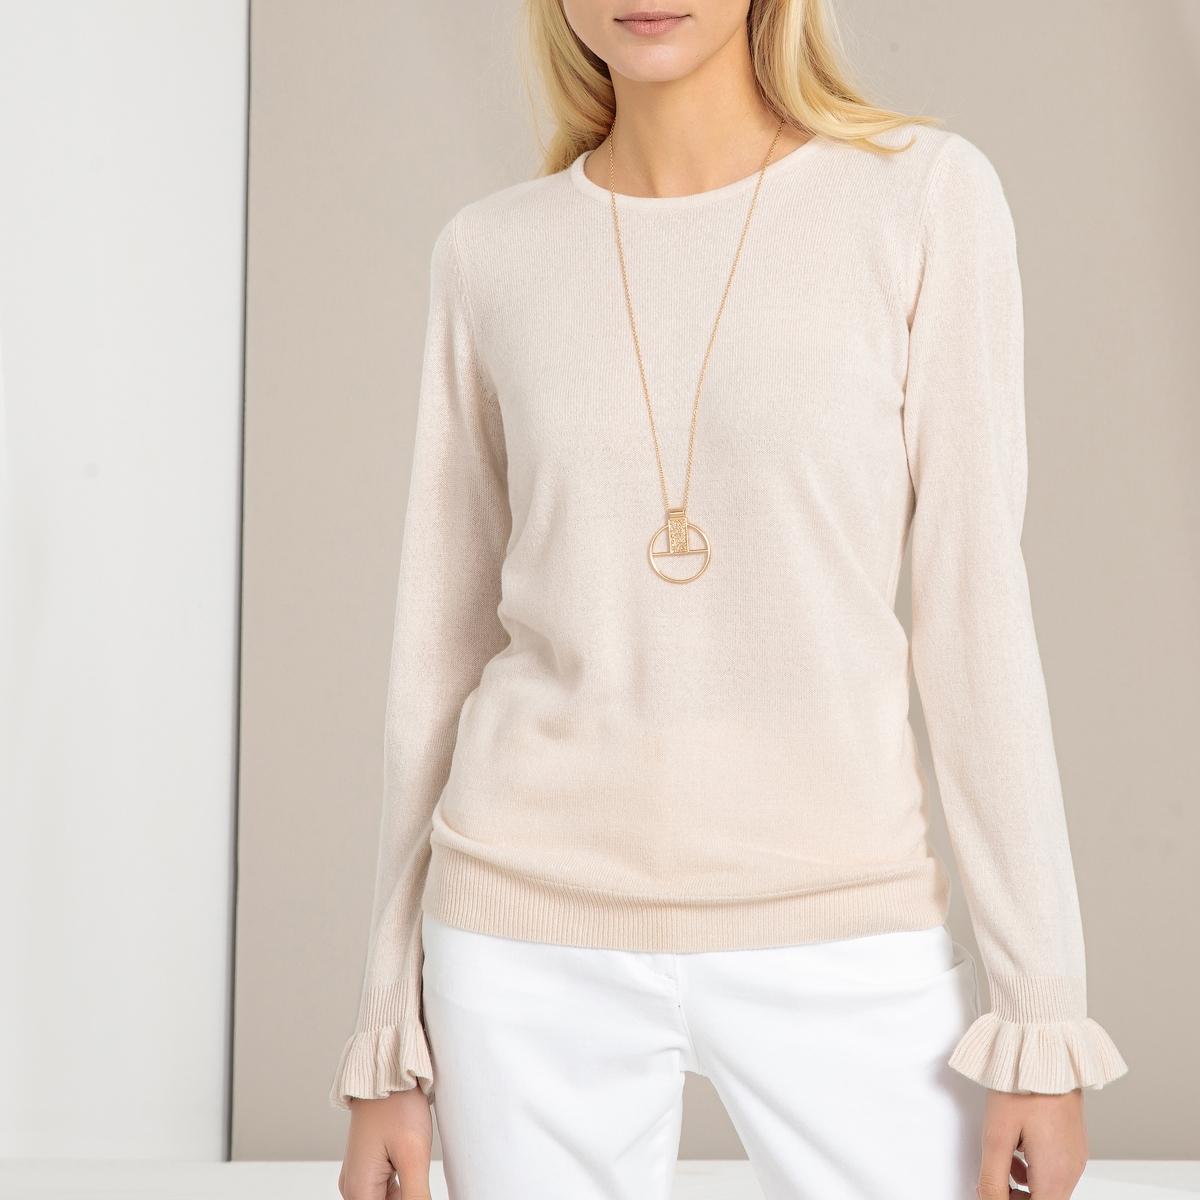 Pullover mit Rundhalsausschnitt  Feinstrick   Bekleidung > Pullover > Rundhalspullover   Kaschmir - Polyacryl   ANNE WEYBURN